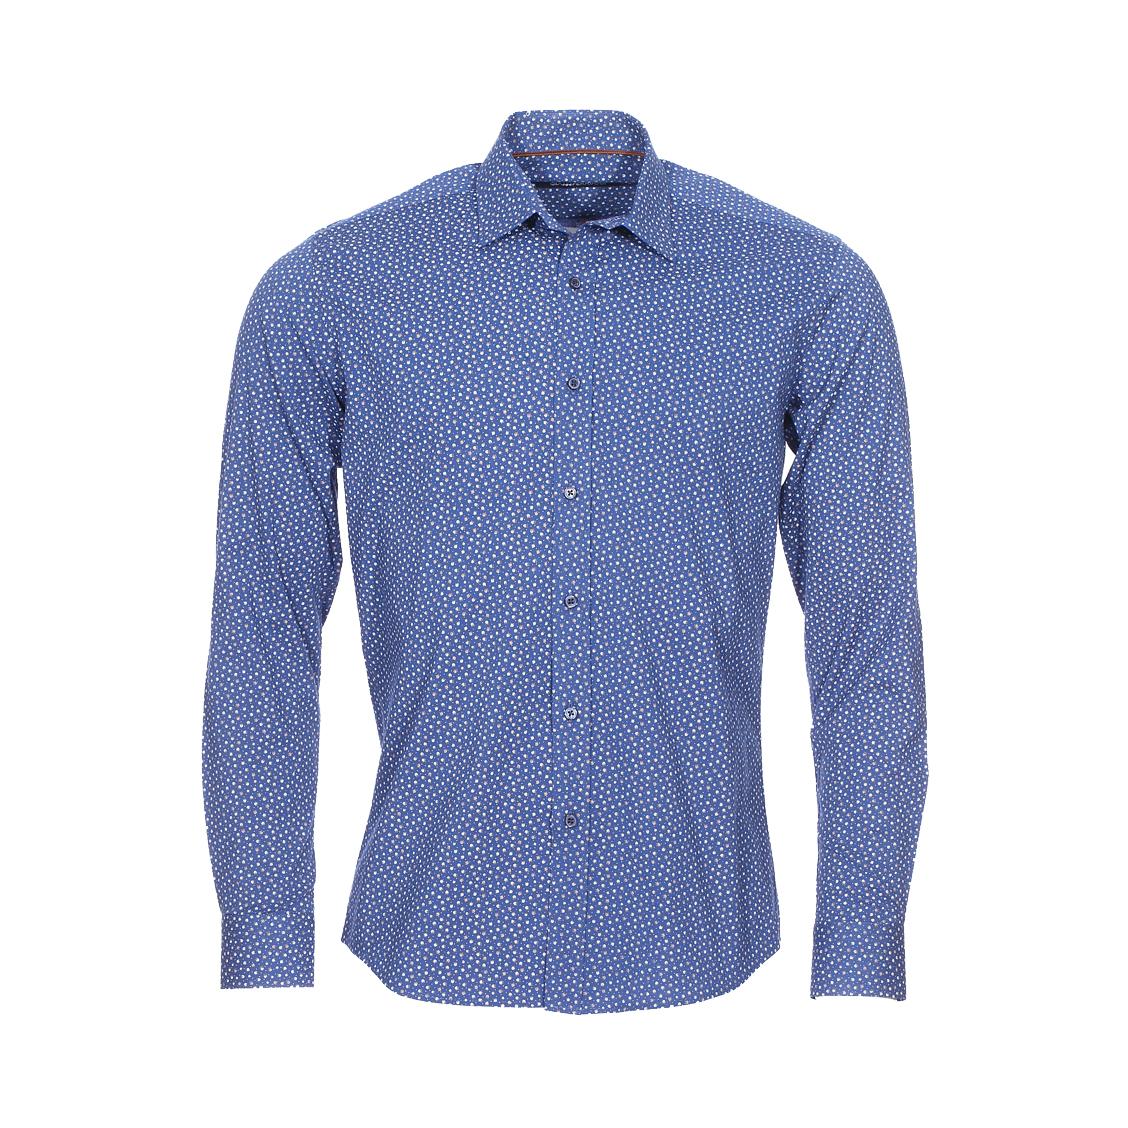 Chemise cintrée  en coton bleu marine à fleurs blanches et marrons